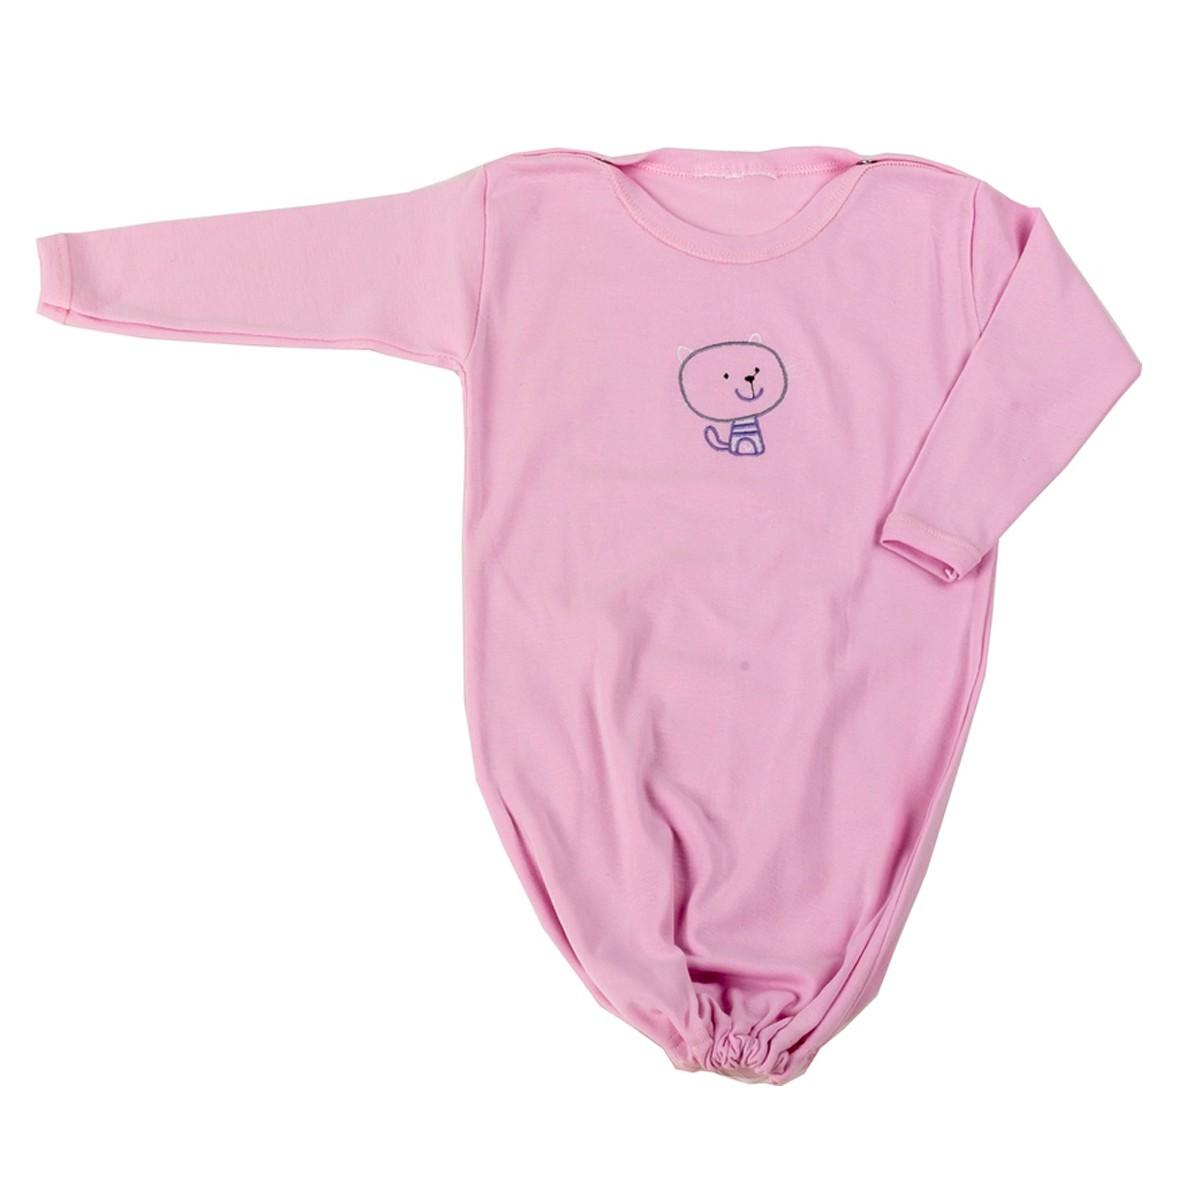 Βρεφικό Φορμάκι-Σάκος Κόσμος Του Μωρού 0023 Home Ροζ home   βρεφικά   βρεφικά ρουχαλάκια